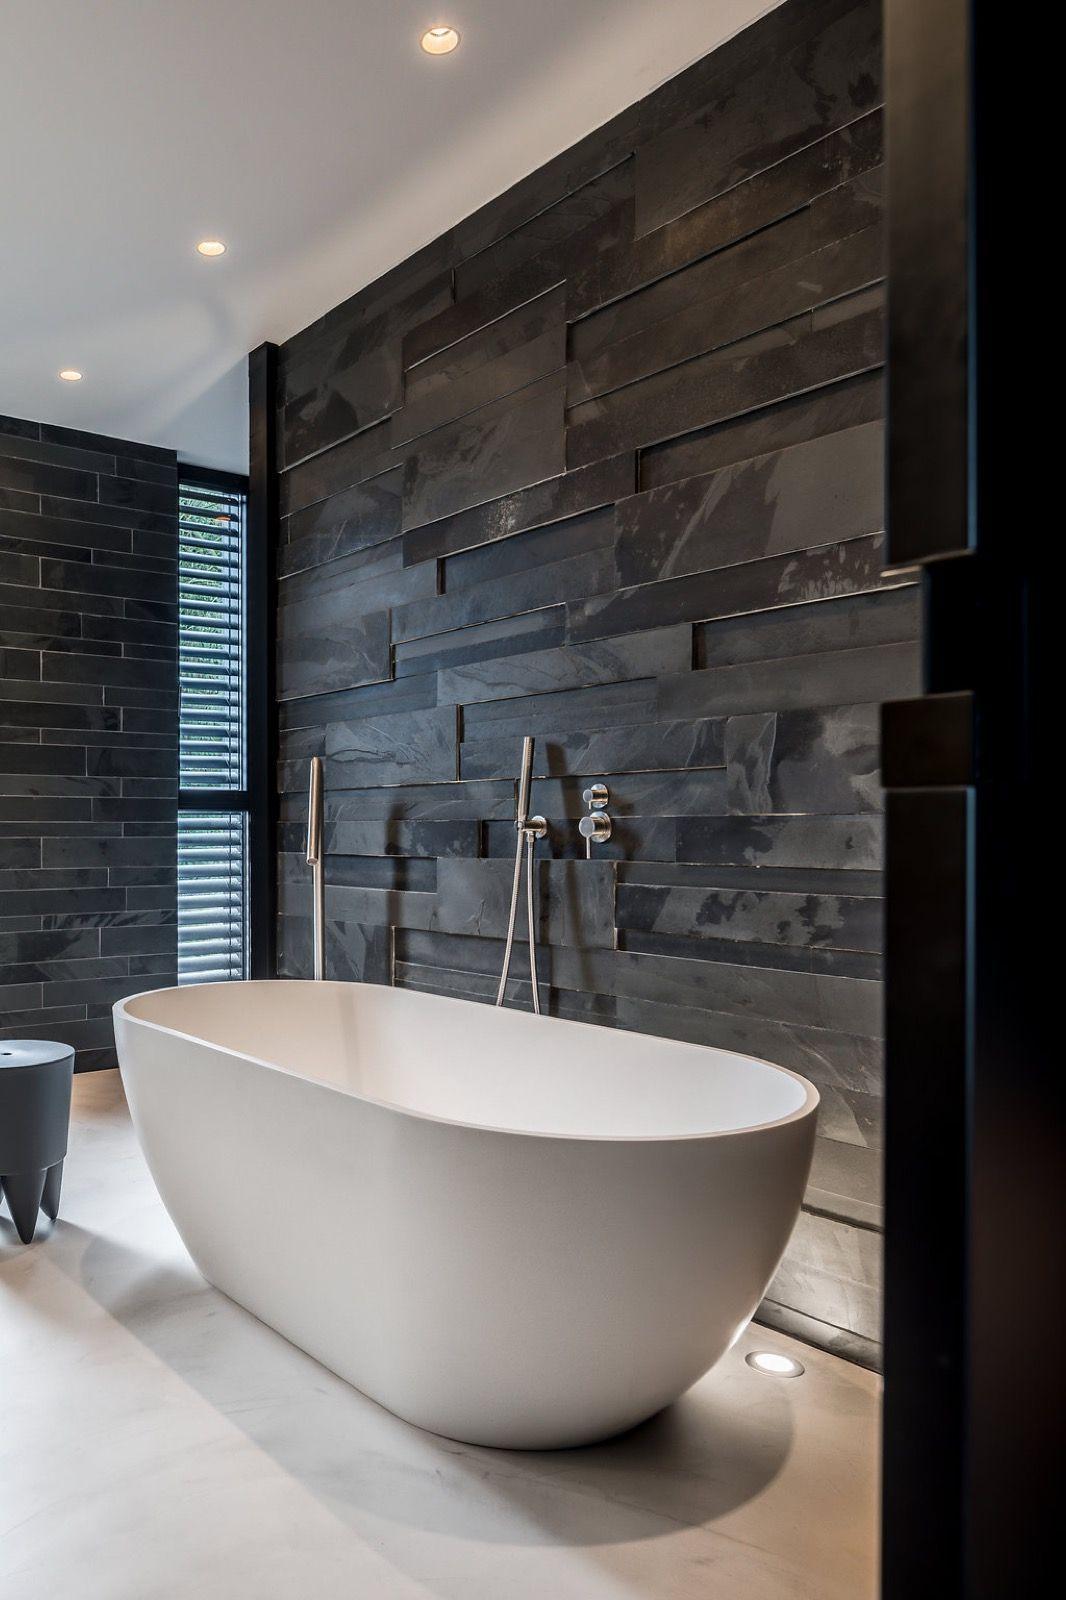 thomassen interieurs luxe interieur hoog exclusieve woon en tuin inspiratie